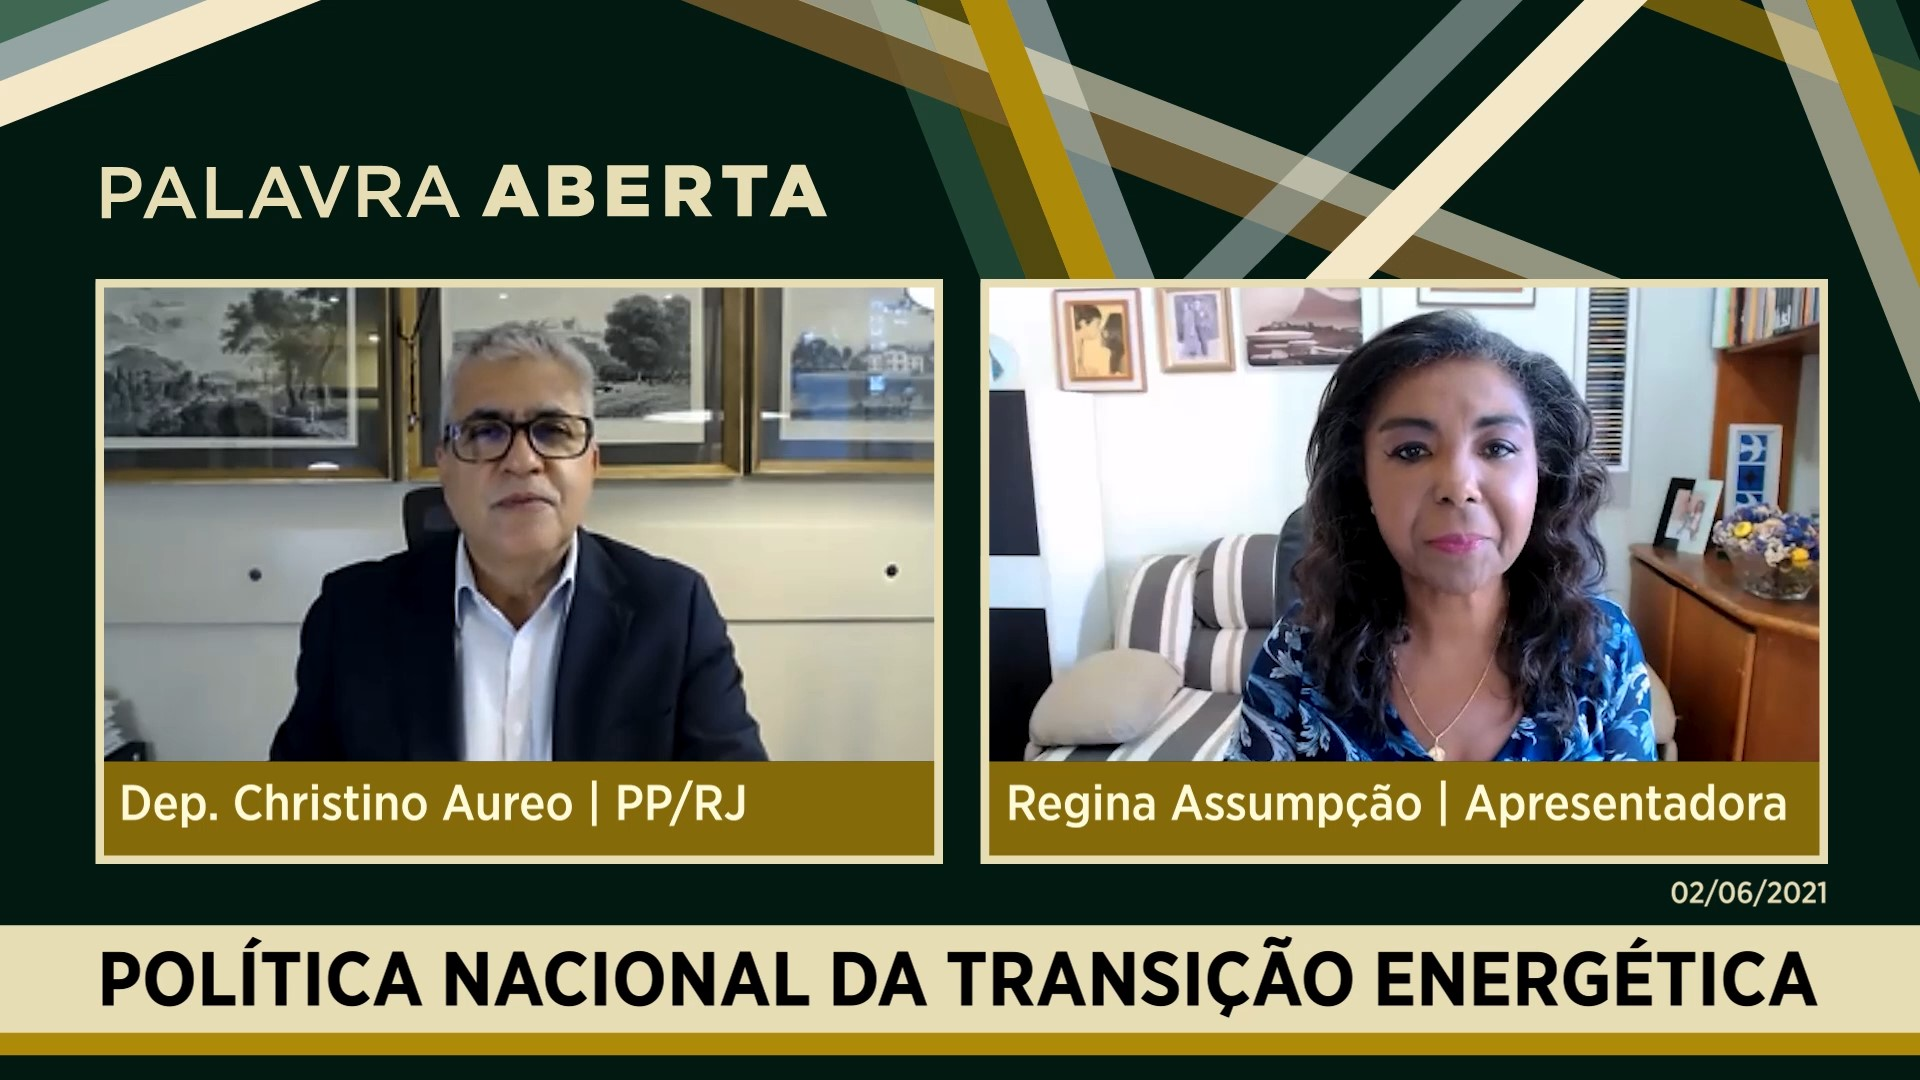 Política Nacional da Transição Energética